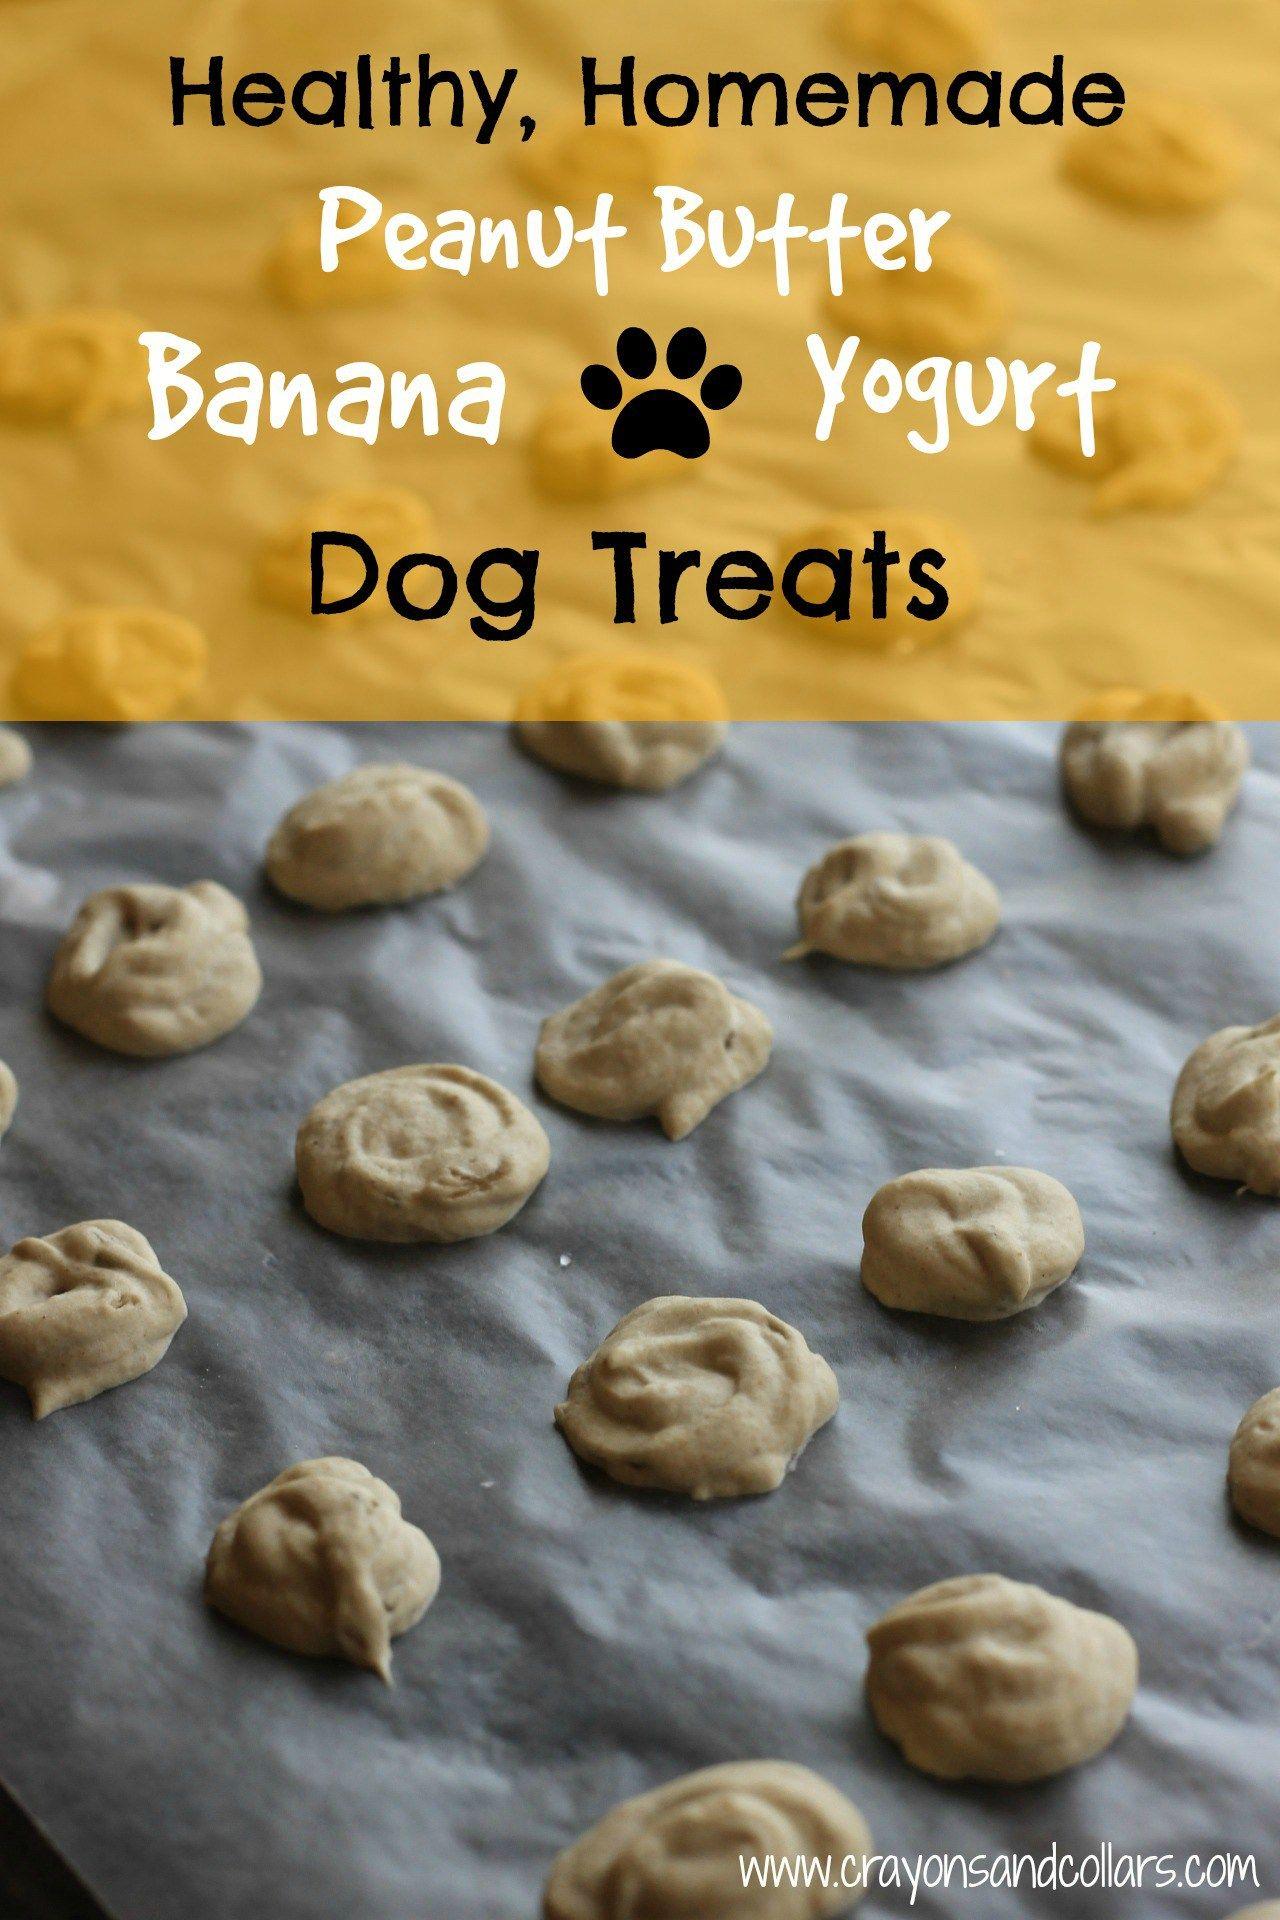 Homemade Peanut Butter Banana And Yogurt Dog Treats Diy Dog